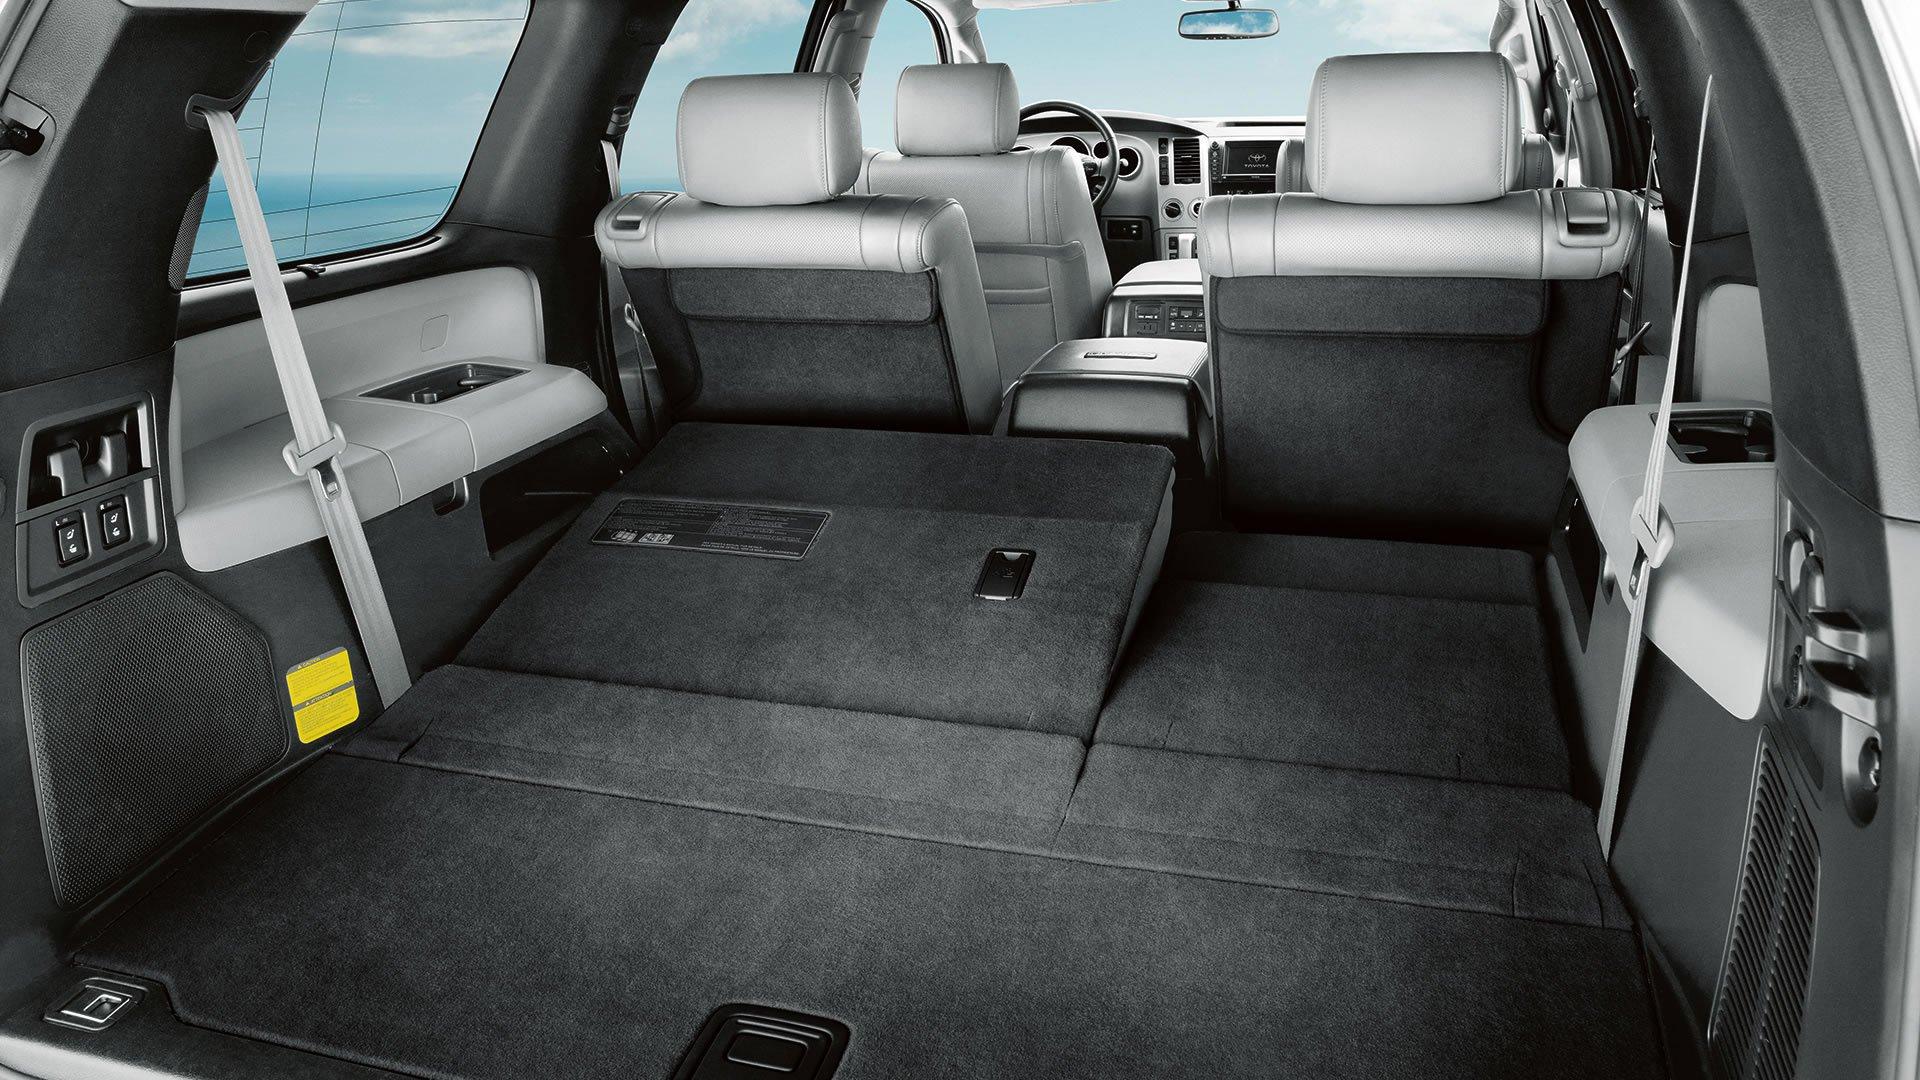 1401125745 07 - Тест-драйв Toyota Sequoia (2014)